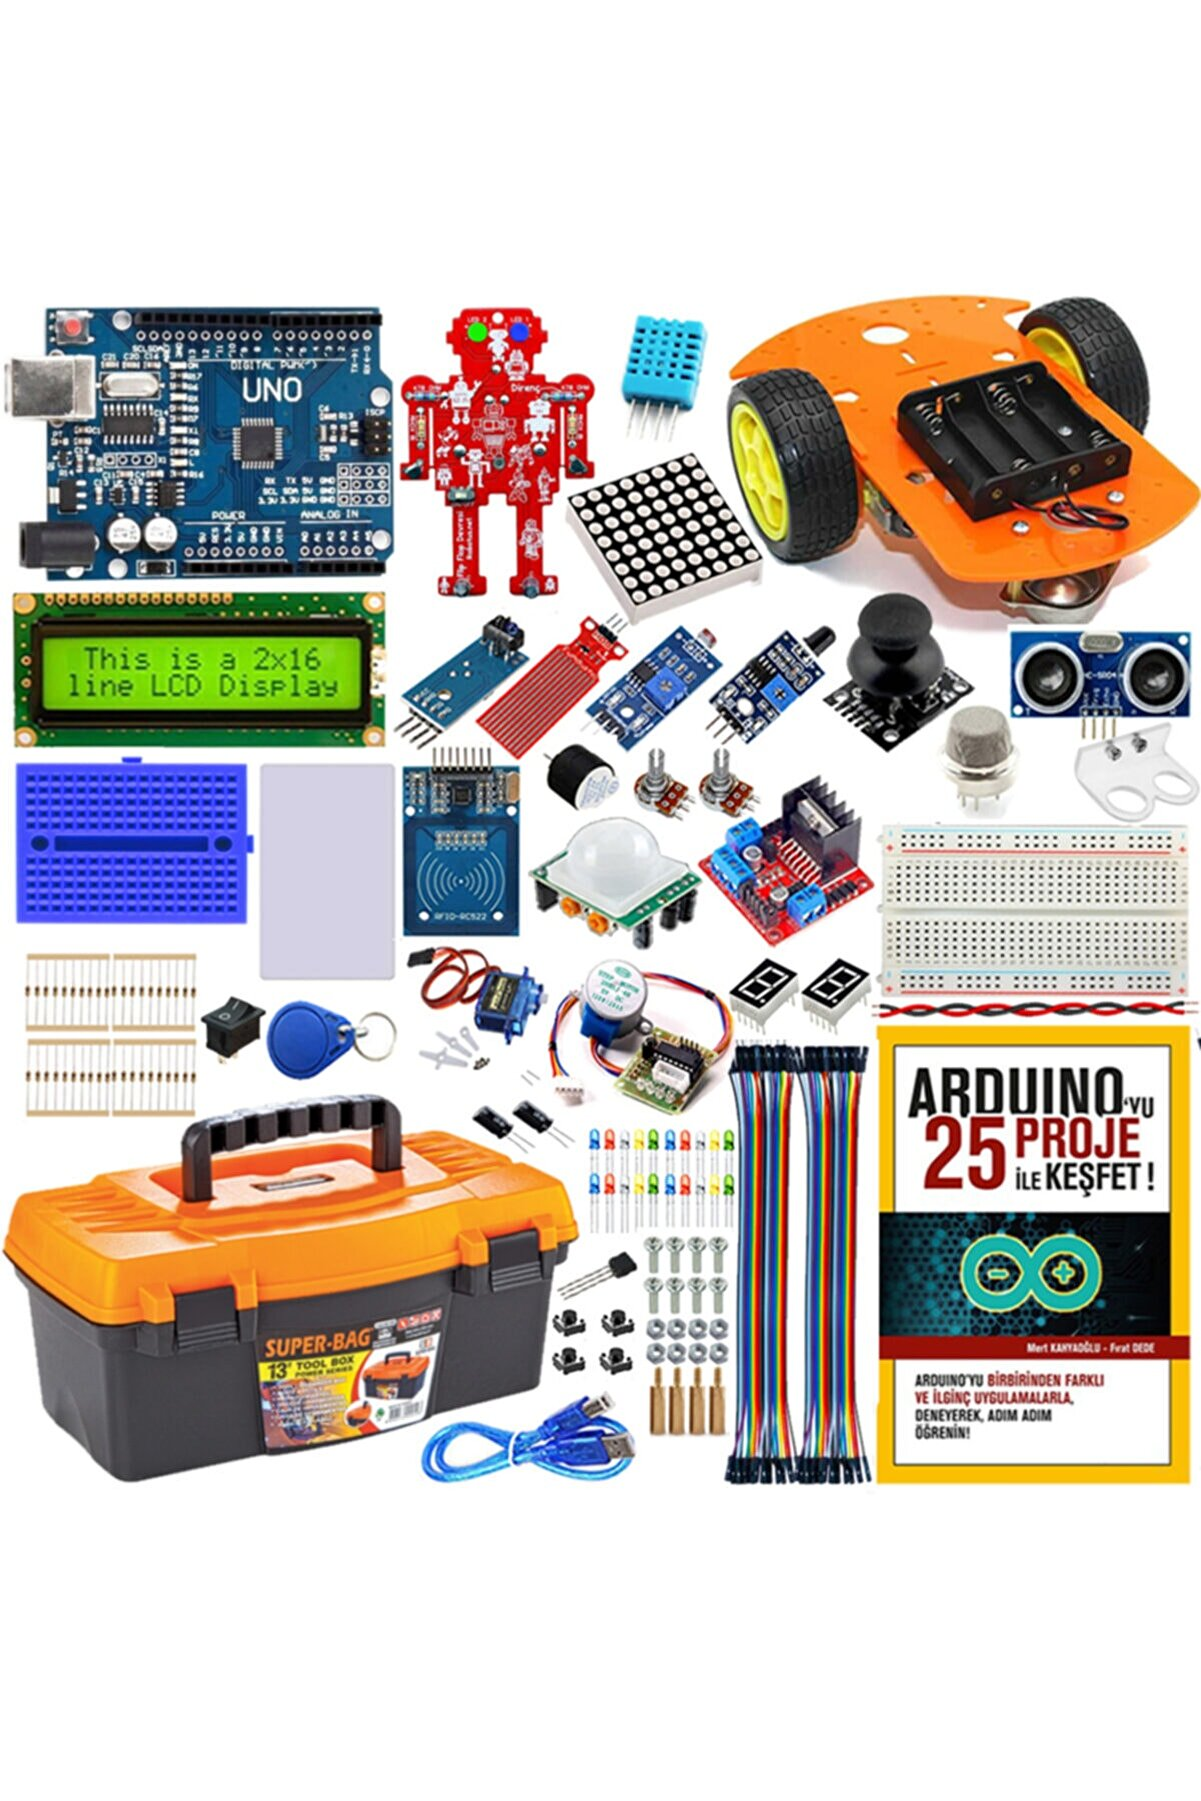 Arduino Uno Maker Eğitim Seti - Online Eğitime Uygun